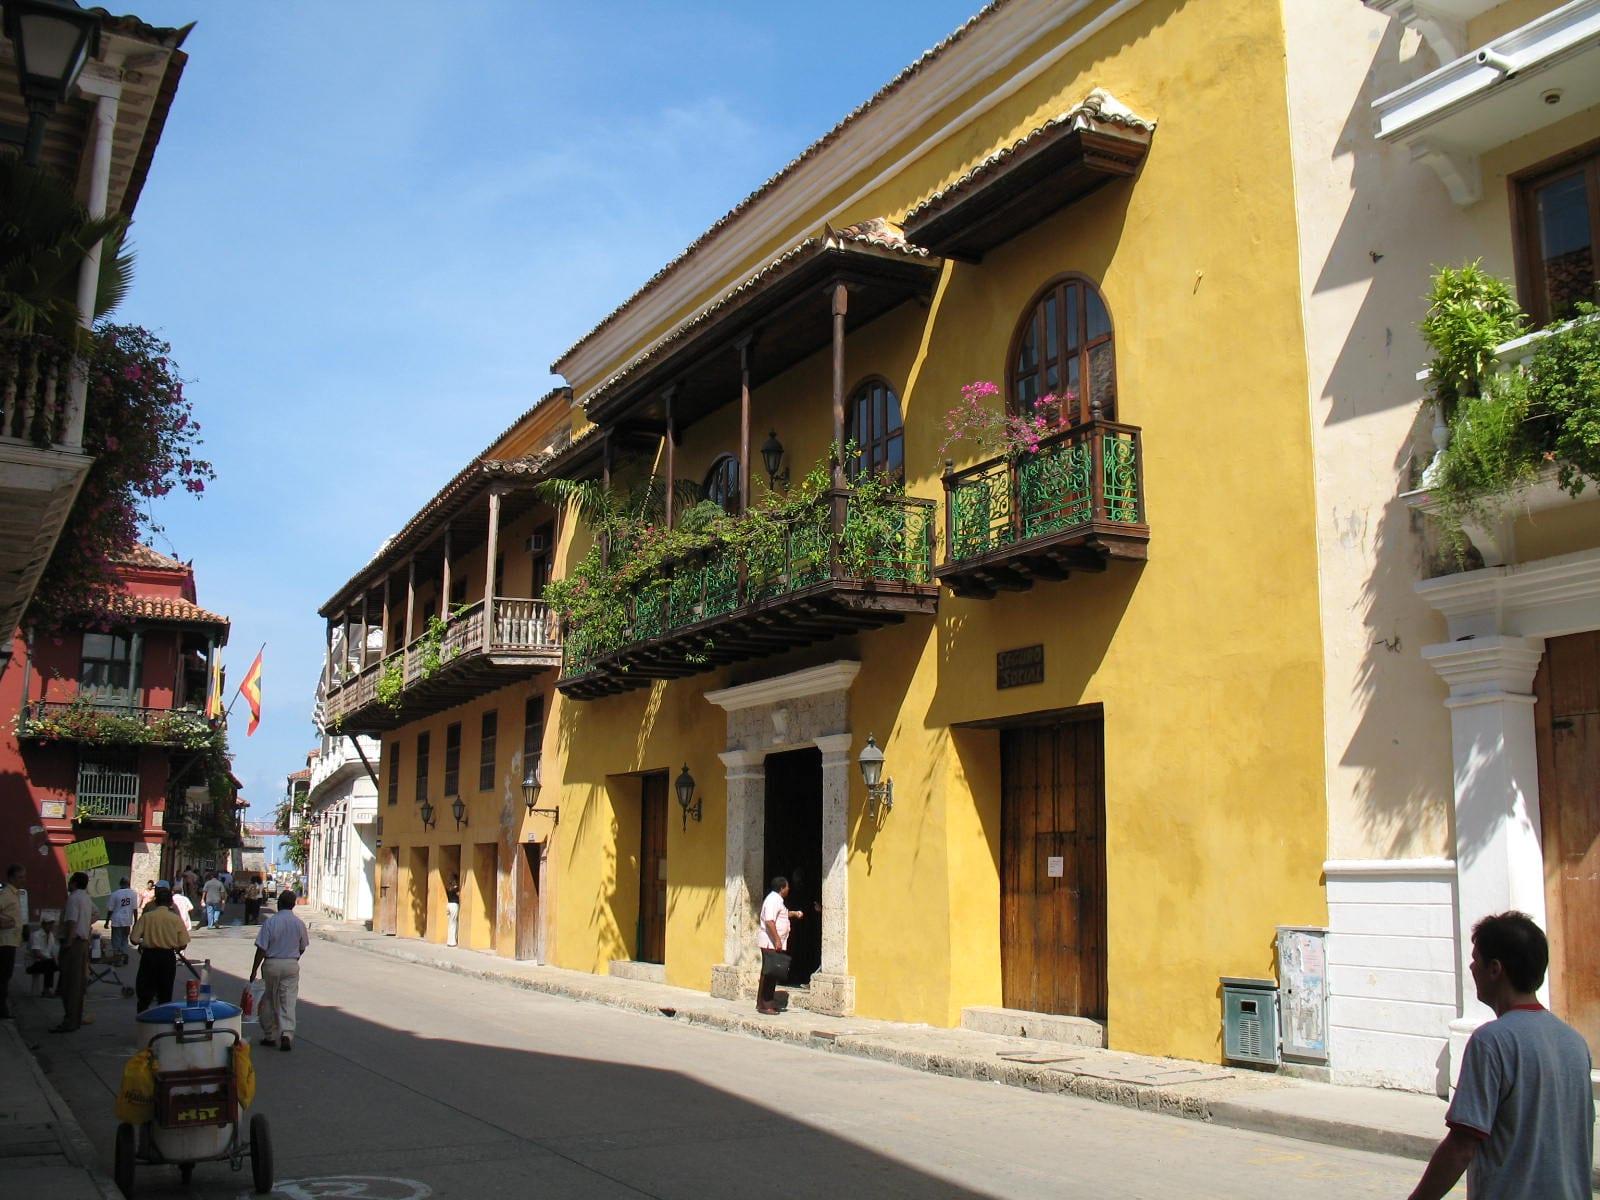 Cartagena infrastructure balconies